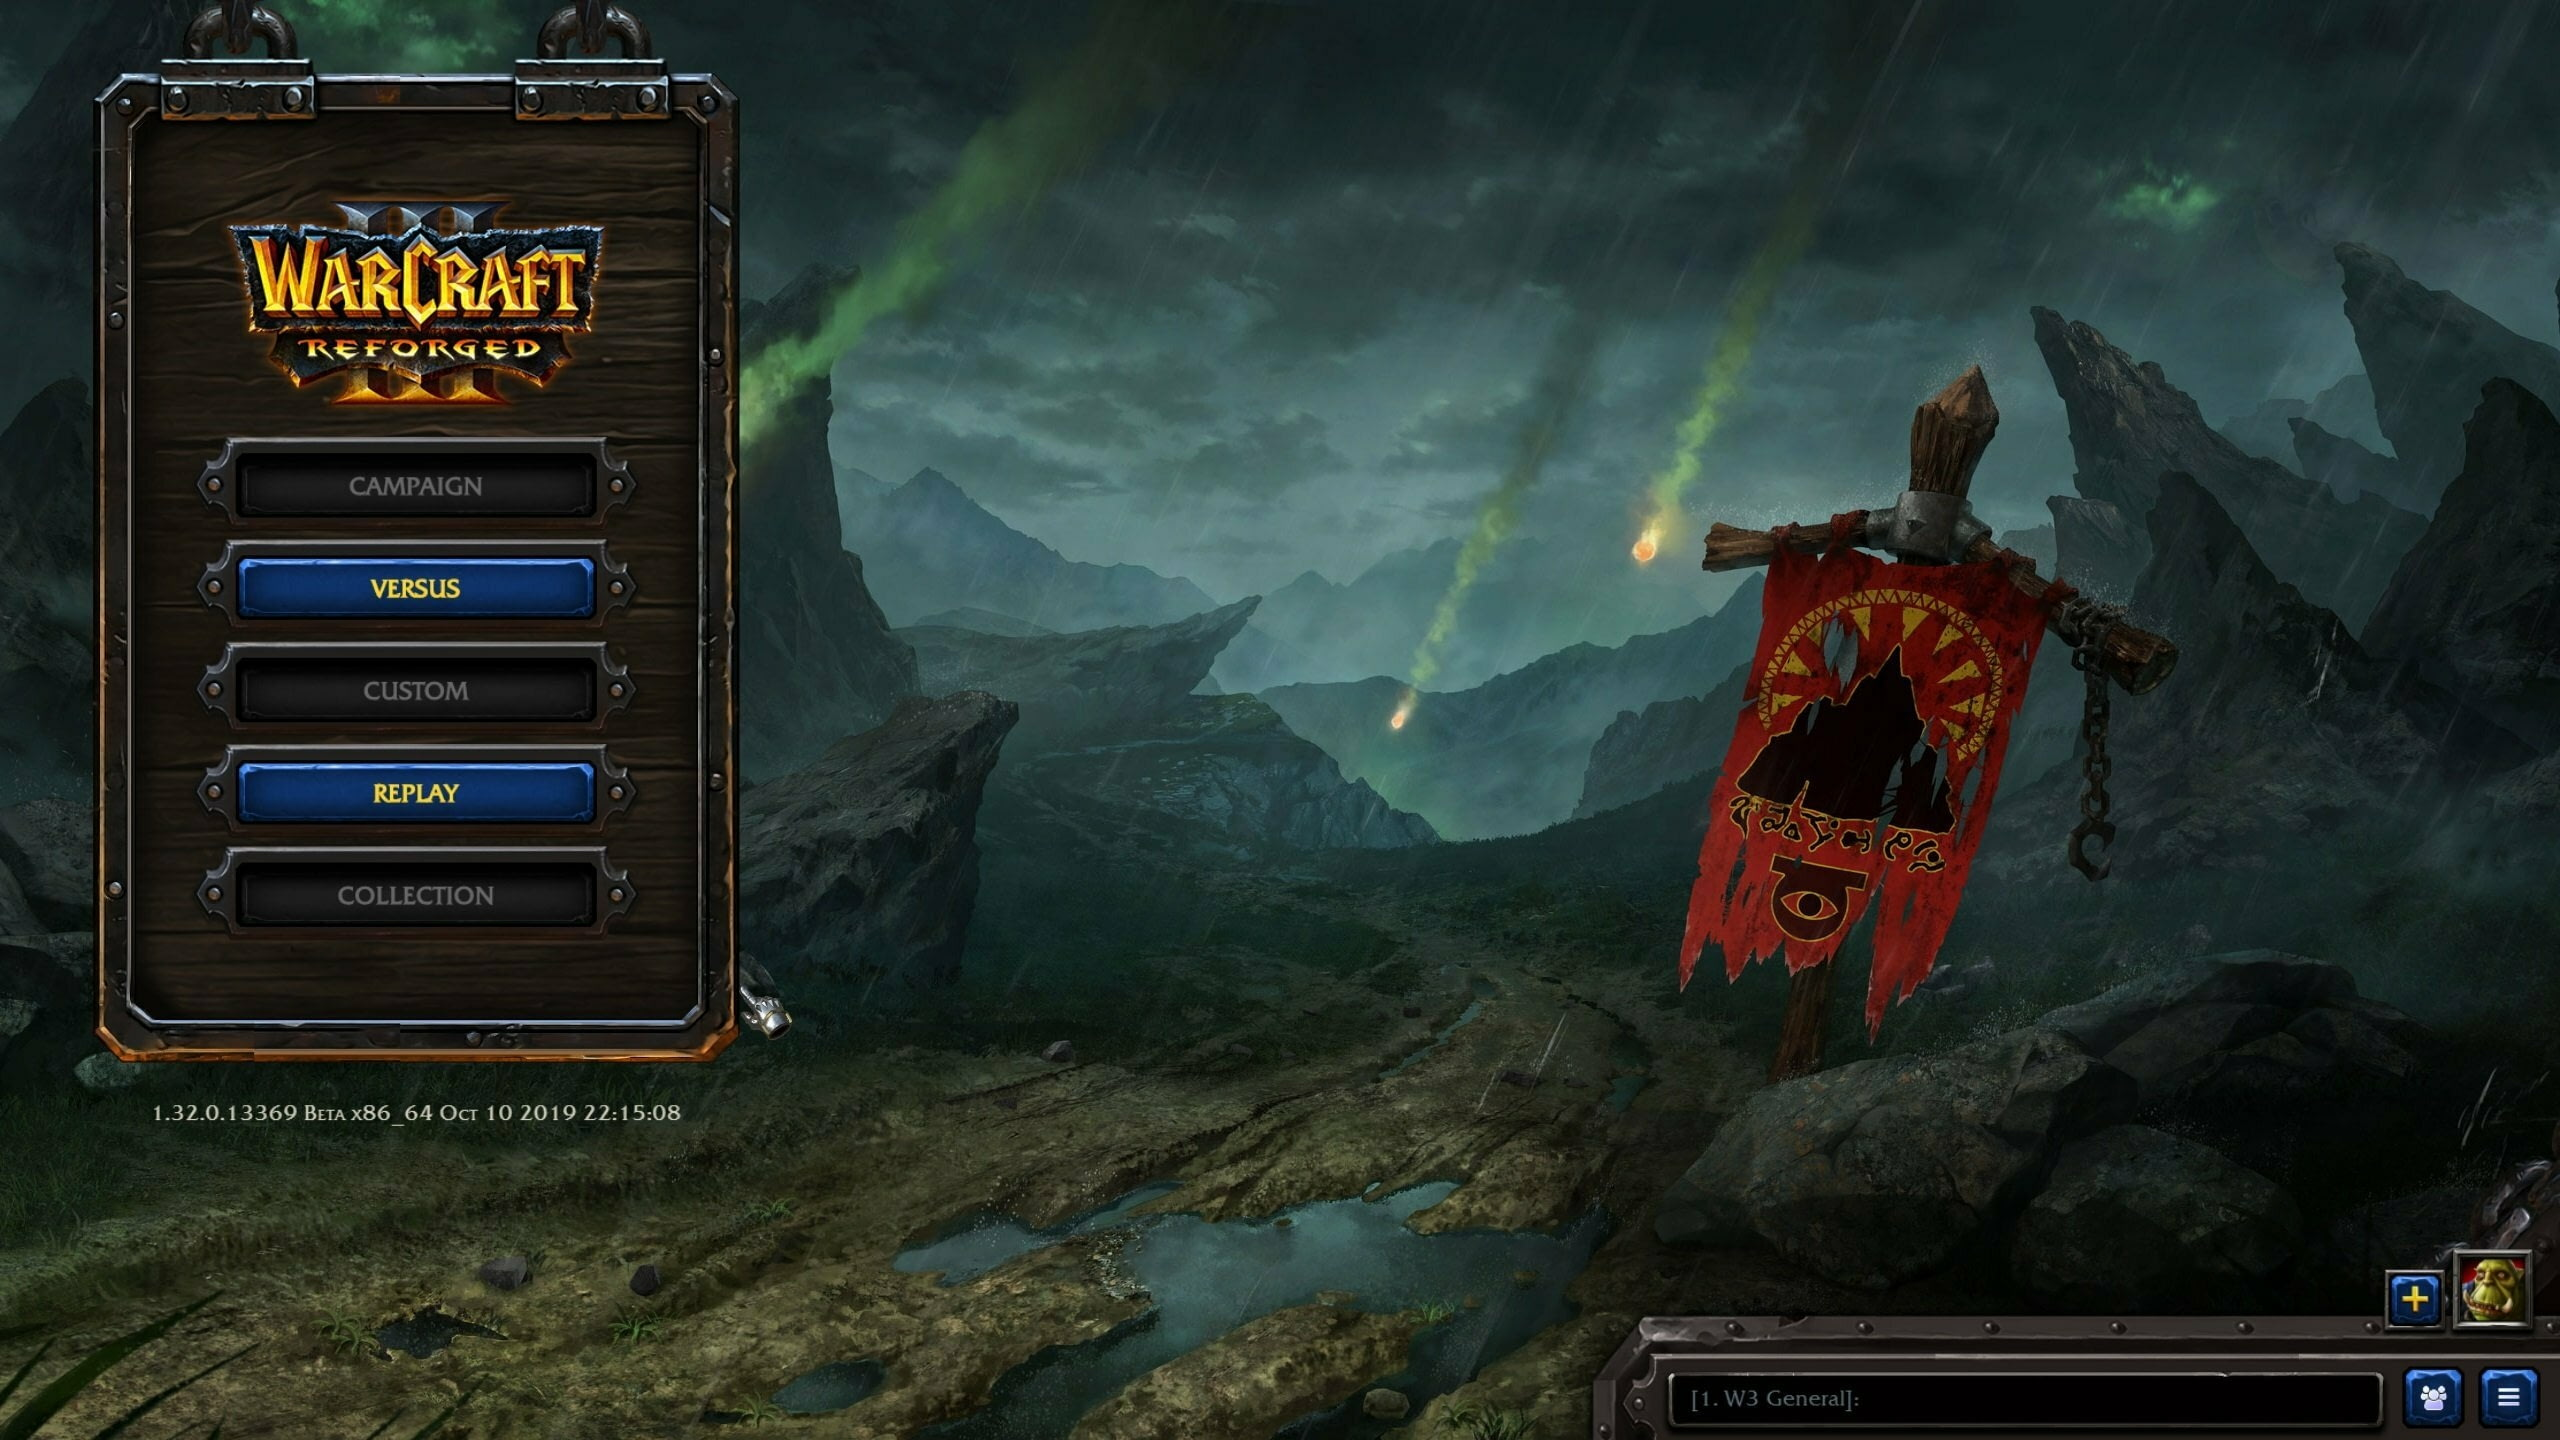 Утечка: обои, меню, интерфейс и иконки Warcraft III: Reforged